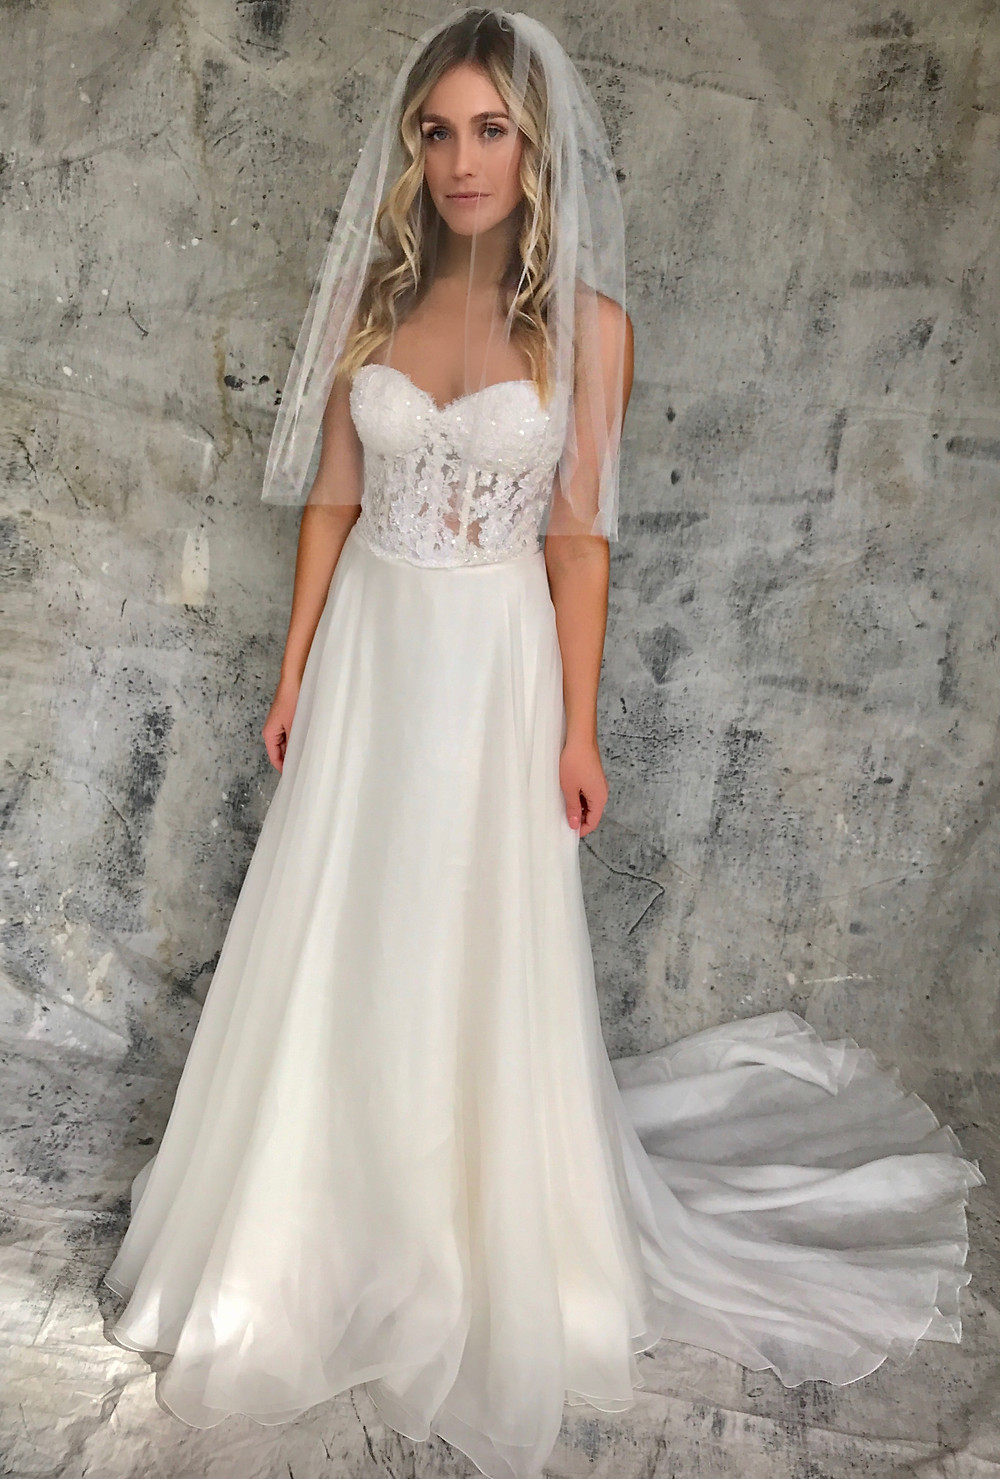 blushing bride wearing blusher veil